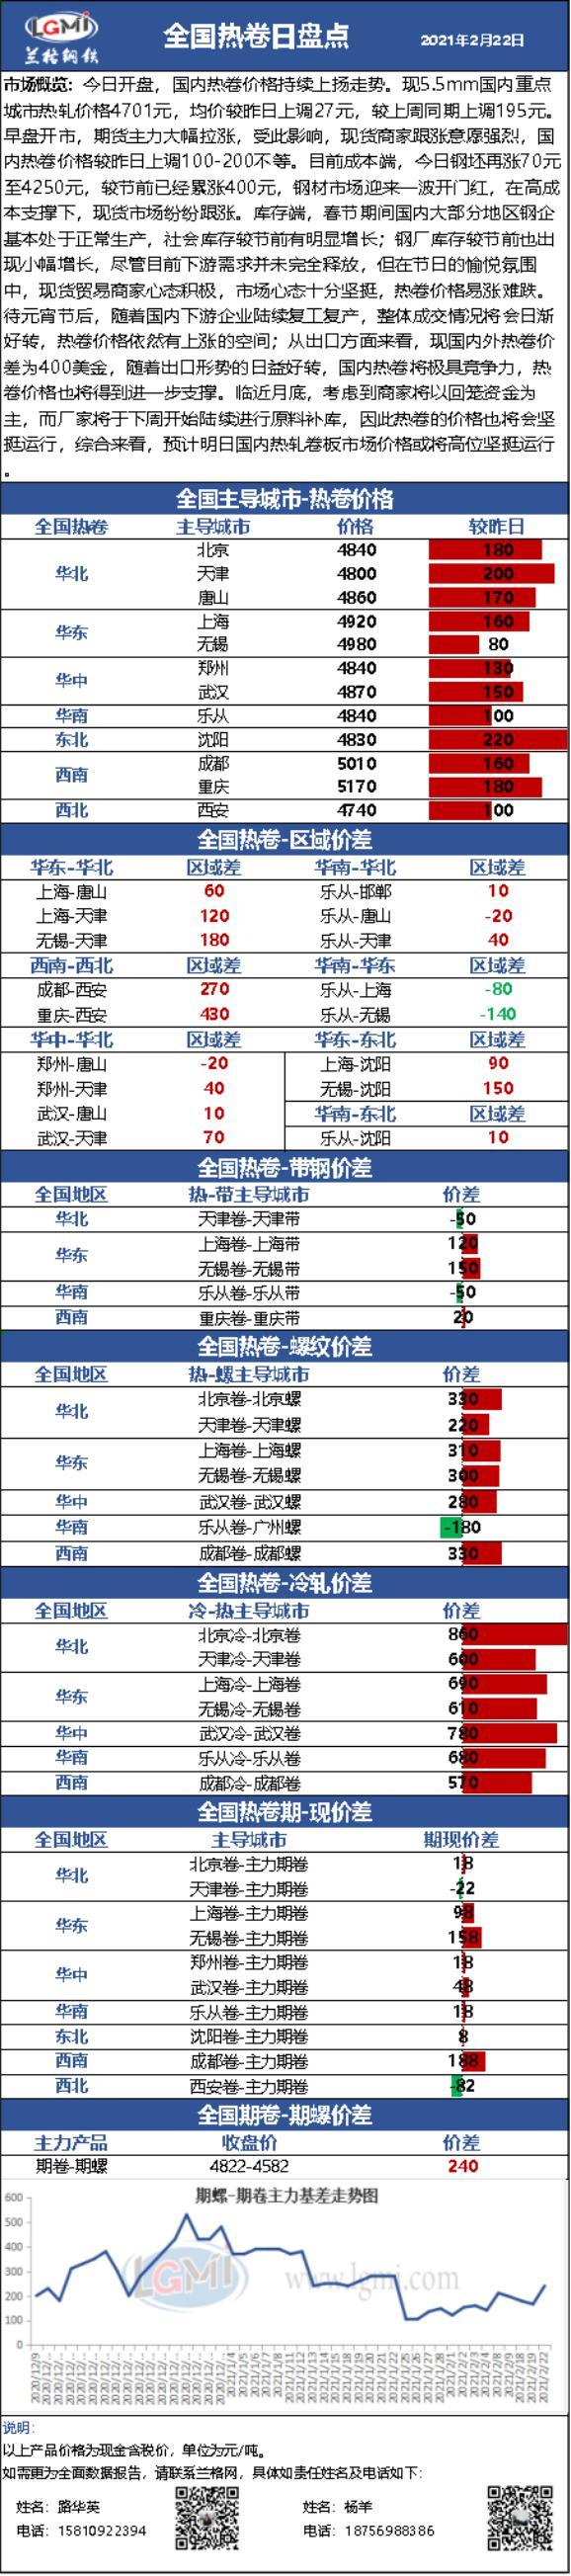 兰格热轧卷板日盘点(2.22):期货拉涨 现货市场情绪高昂